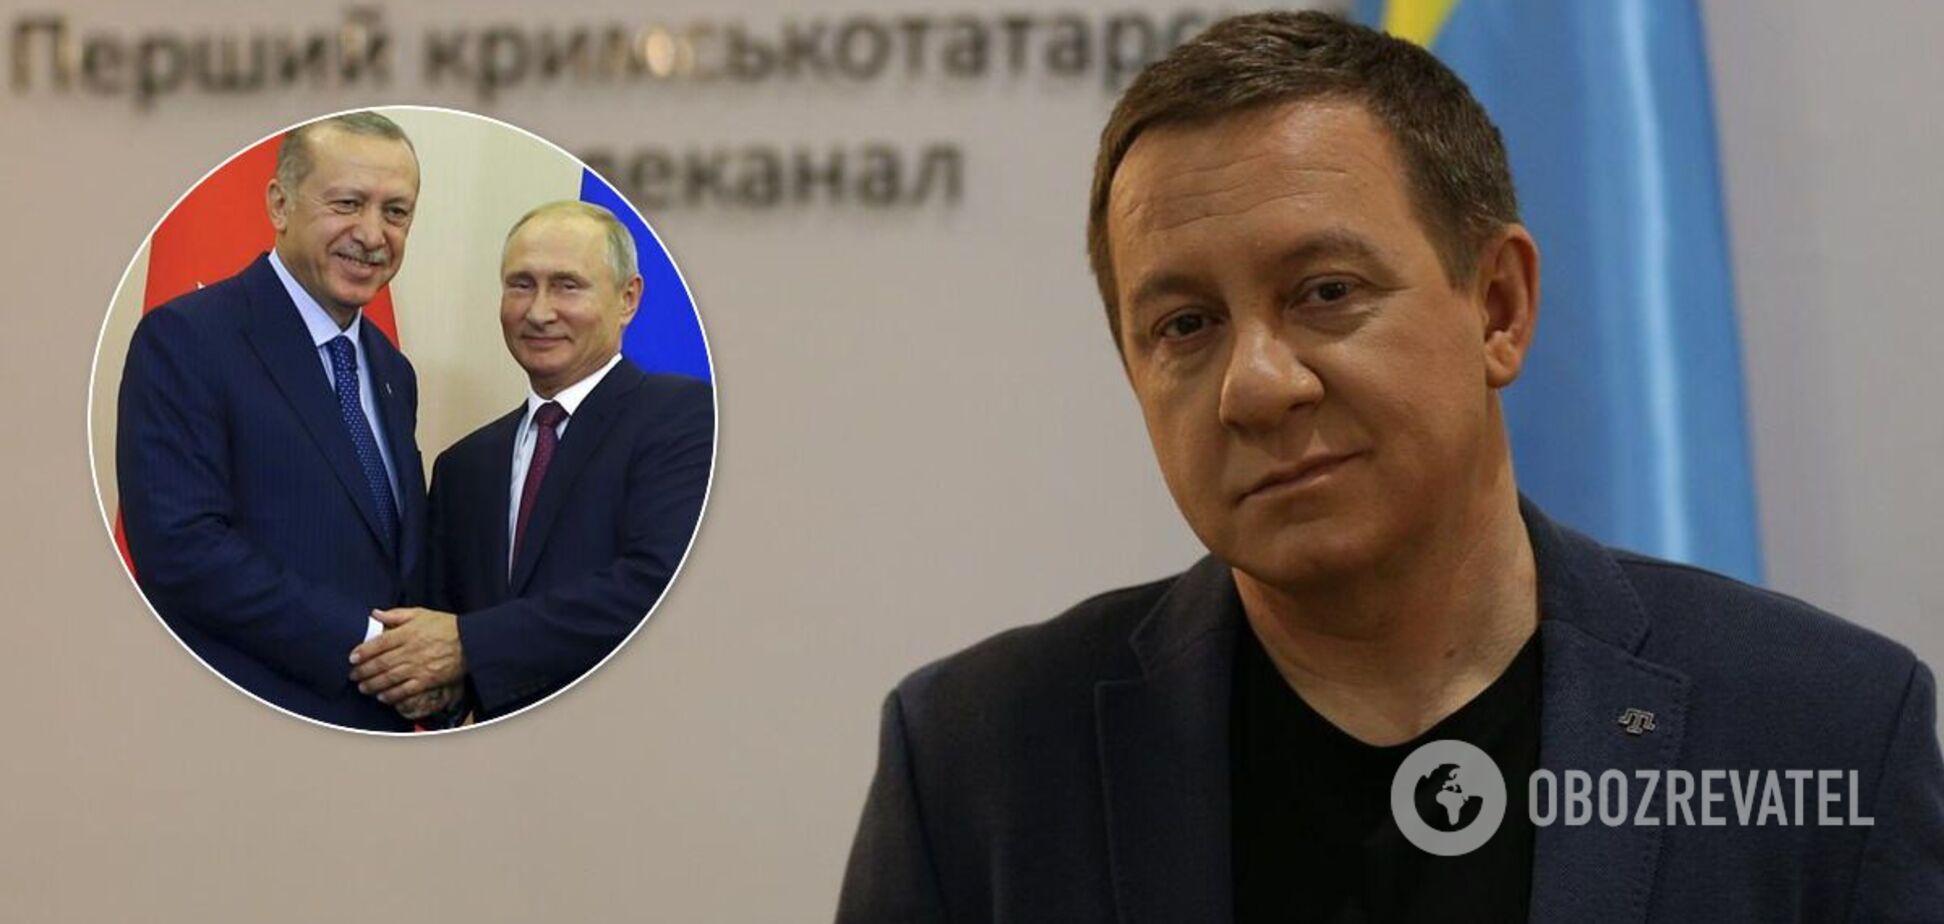 Муждабаев рассказал, как Путин задумал заставить Турцию признать Крым российским